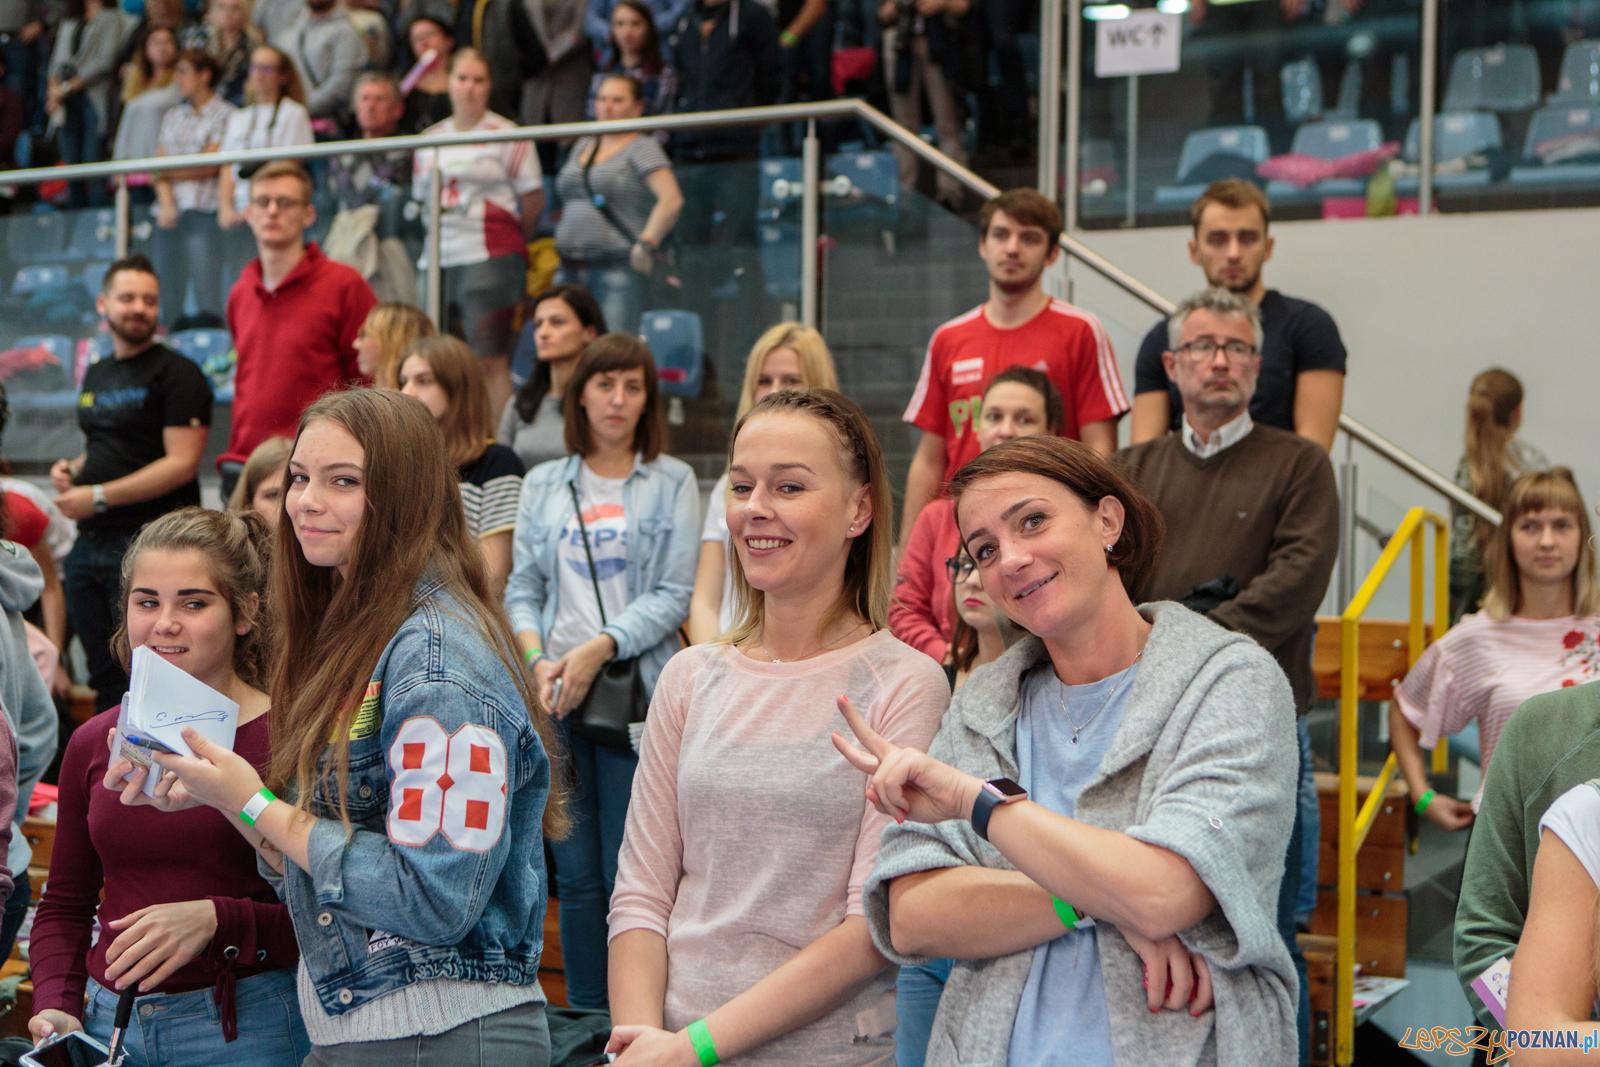 XIII Memoriał Arkadiusza Gołasia: ONICO Warszawa - Berlin Recy  Foto: LepszyPOZNAN.pl / Paweł Rychter